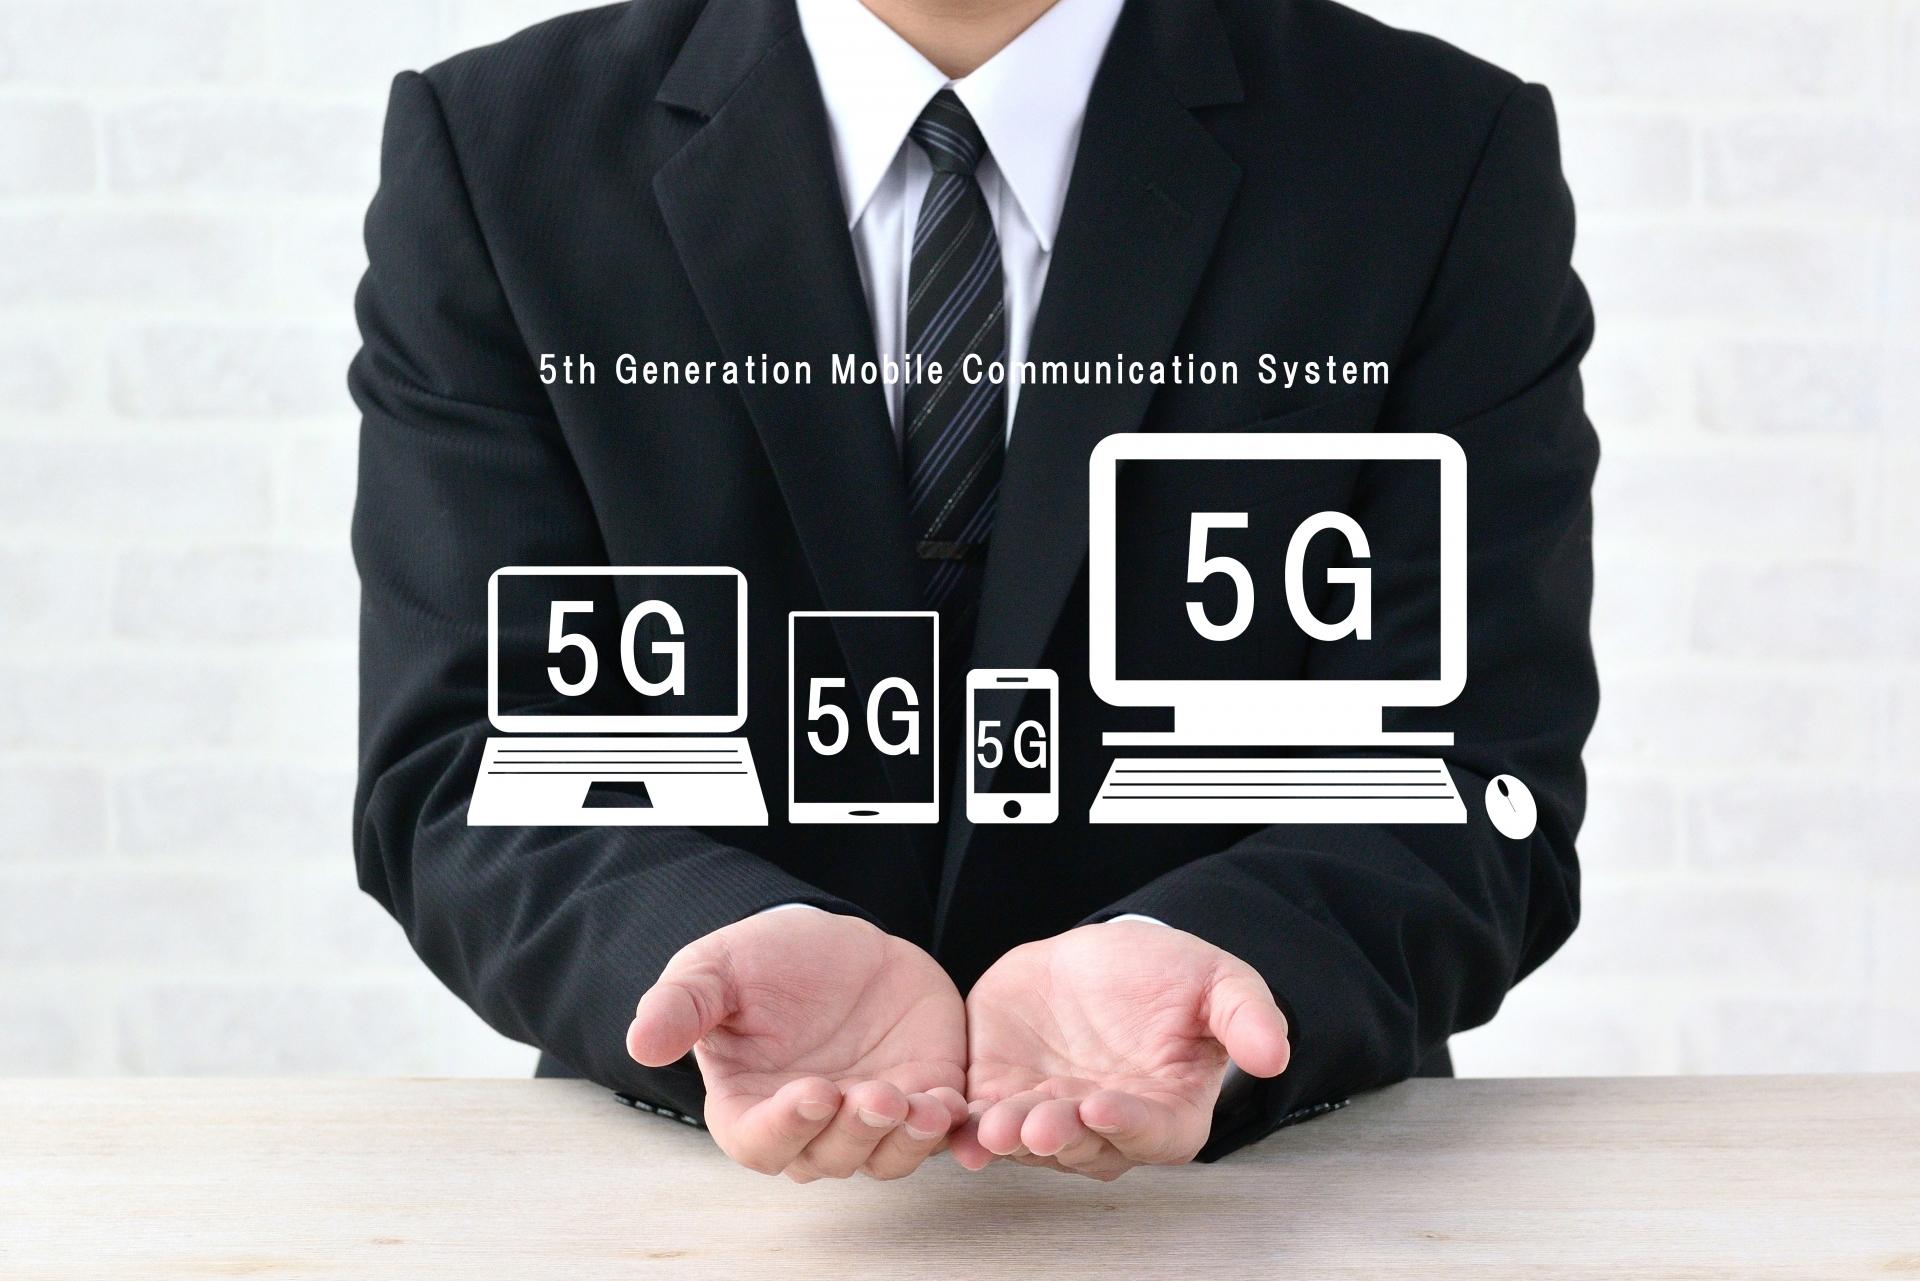 通信業界の現状・動向・課題を調査!就活に役立つ企業ランキング・将来性も紹介